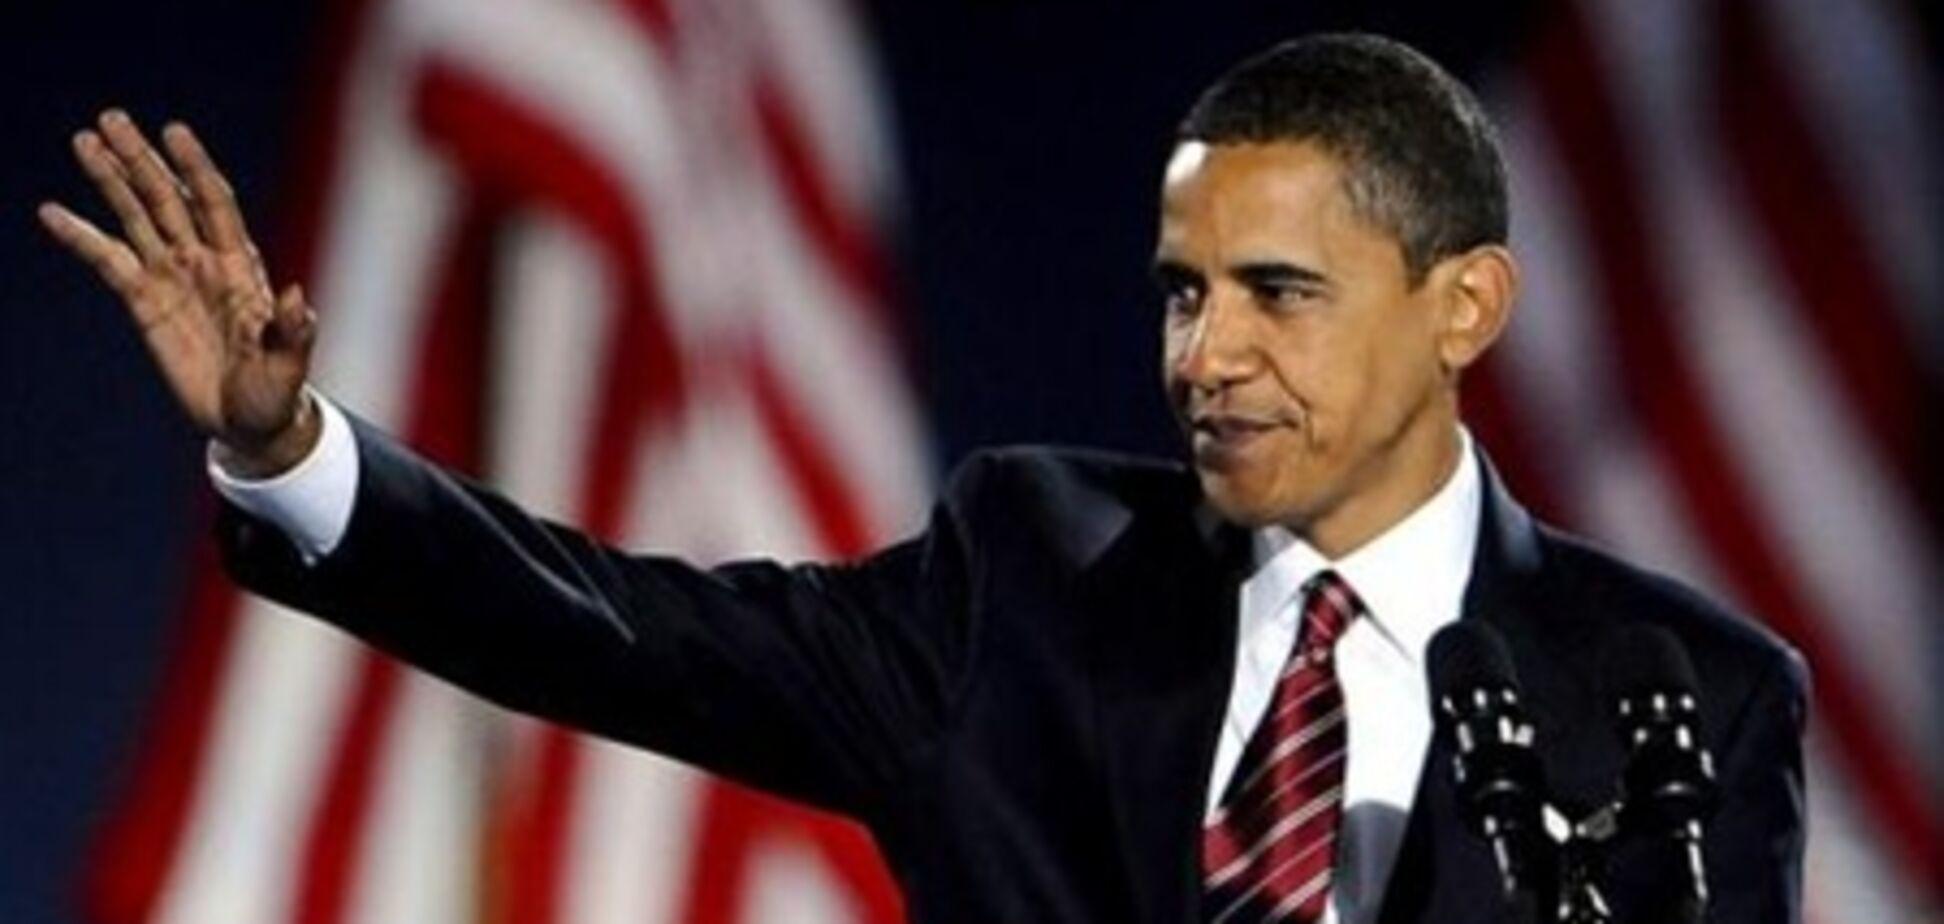 Обама неофициально раздает банкирам гарантии, что дефолта не будет